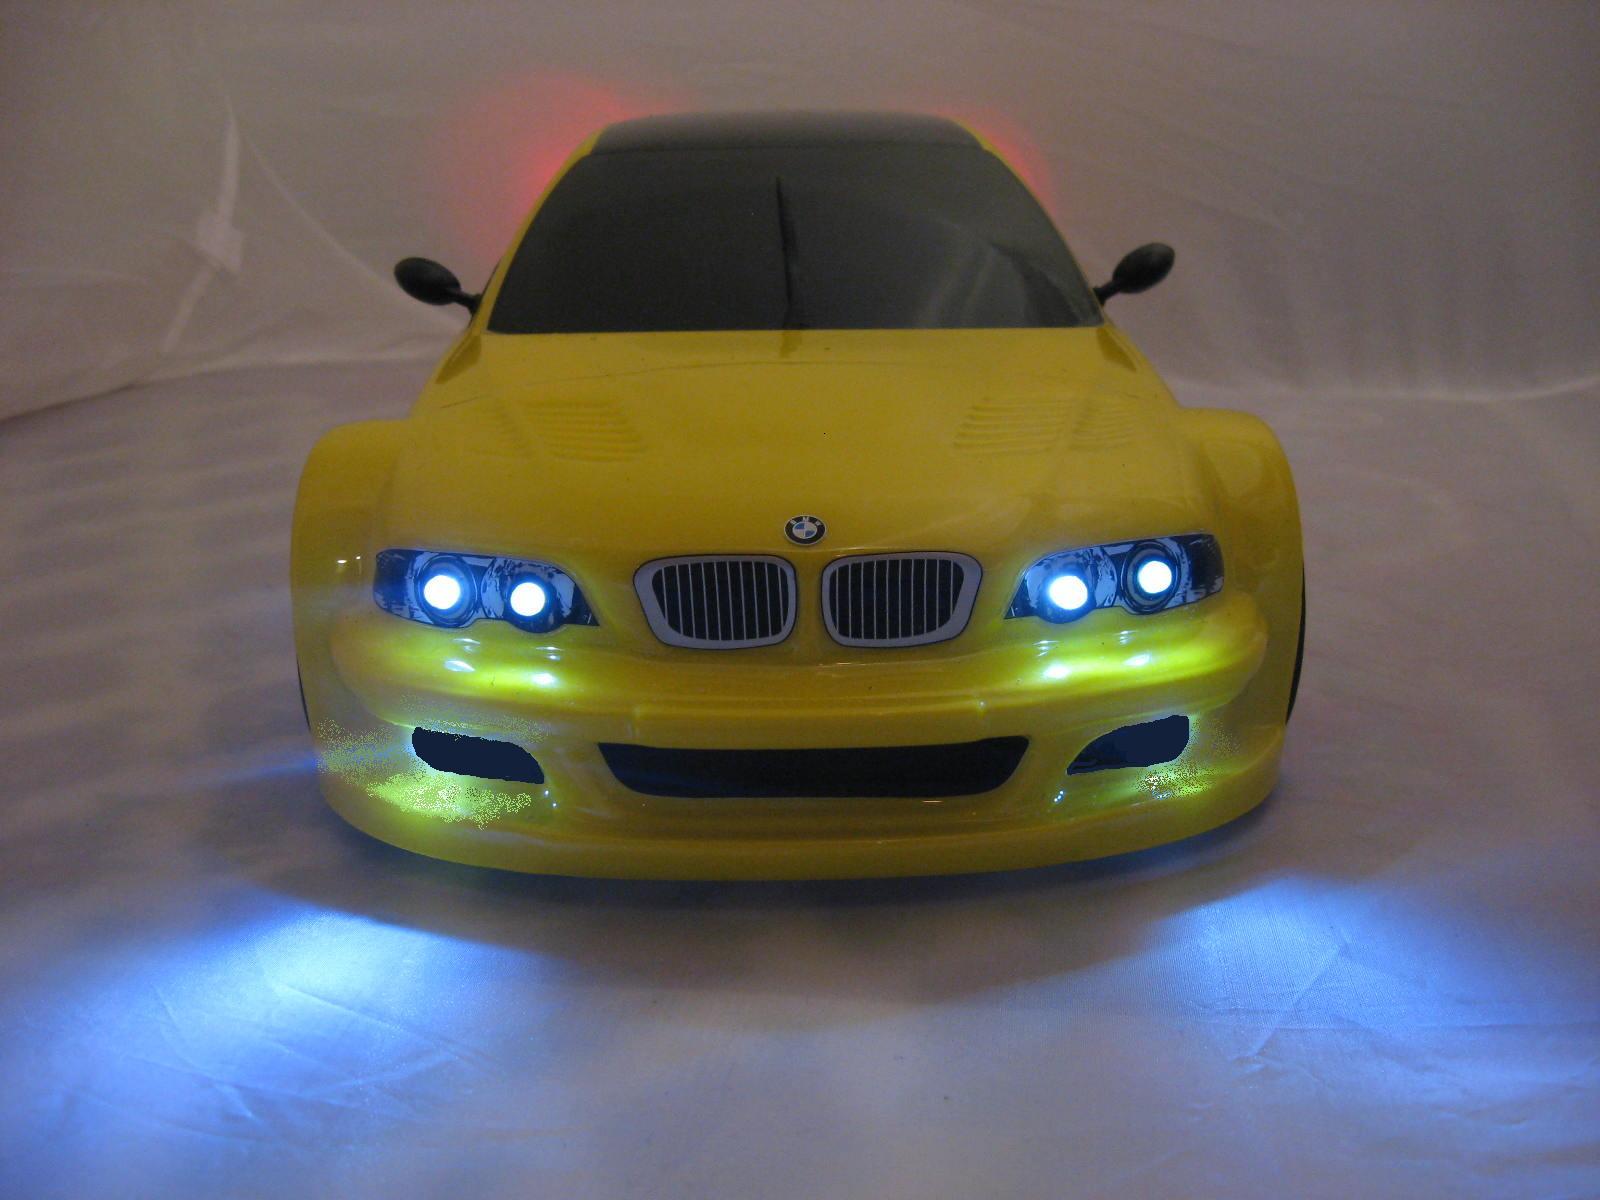 auto led beleuchtung 8 er f r verbrenner m1 8 m1 10 5 mm. Black Bedroom Furniture Sets. Home Design Ideas